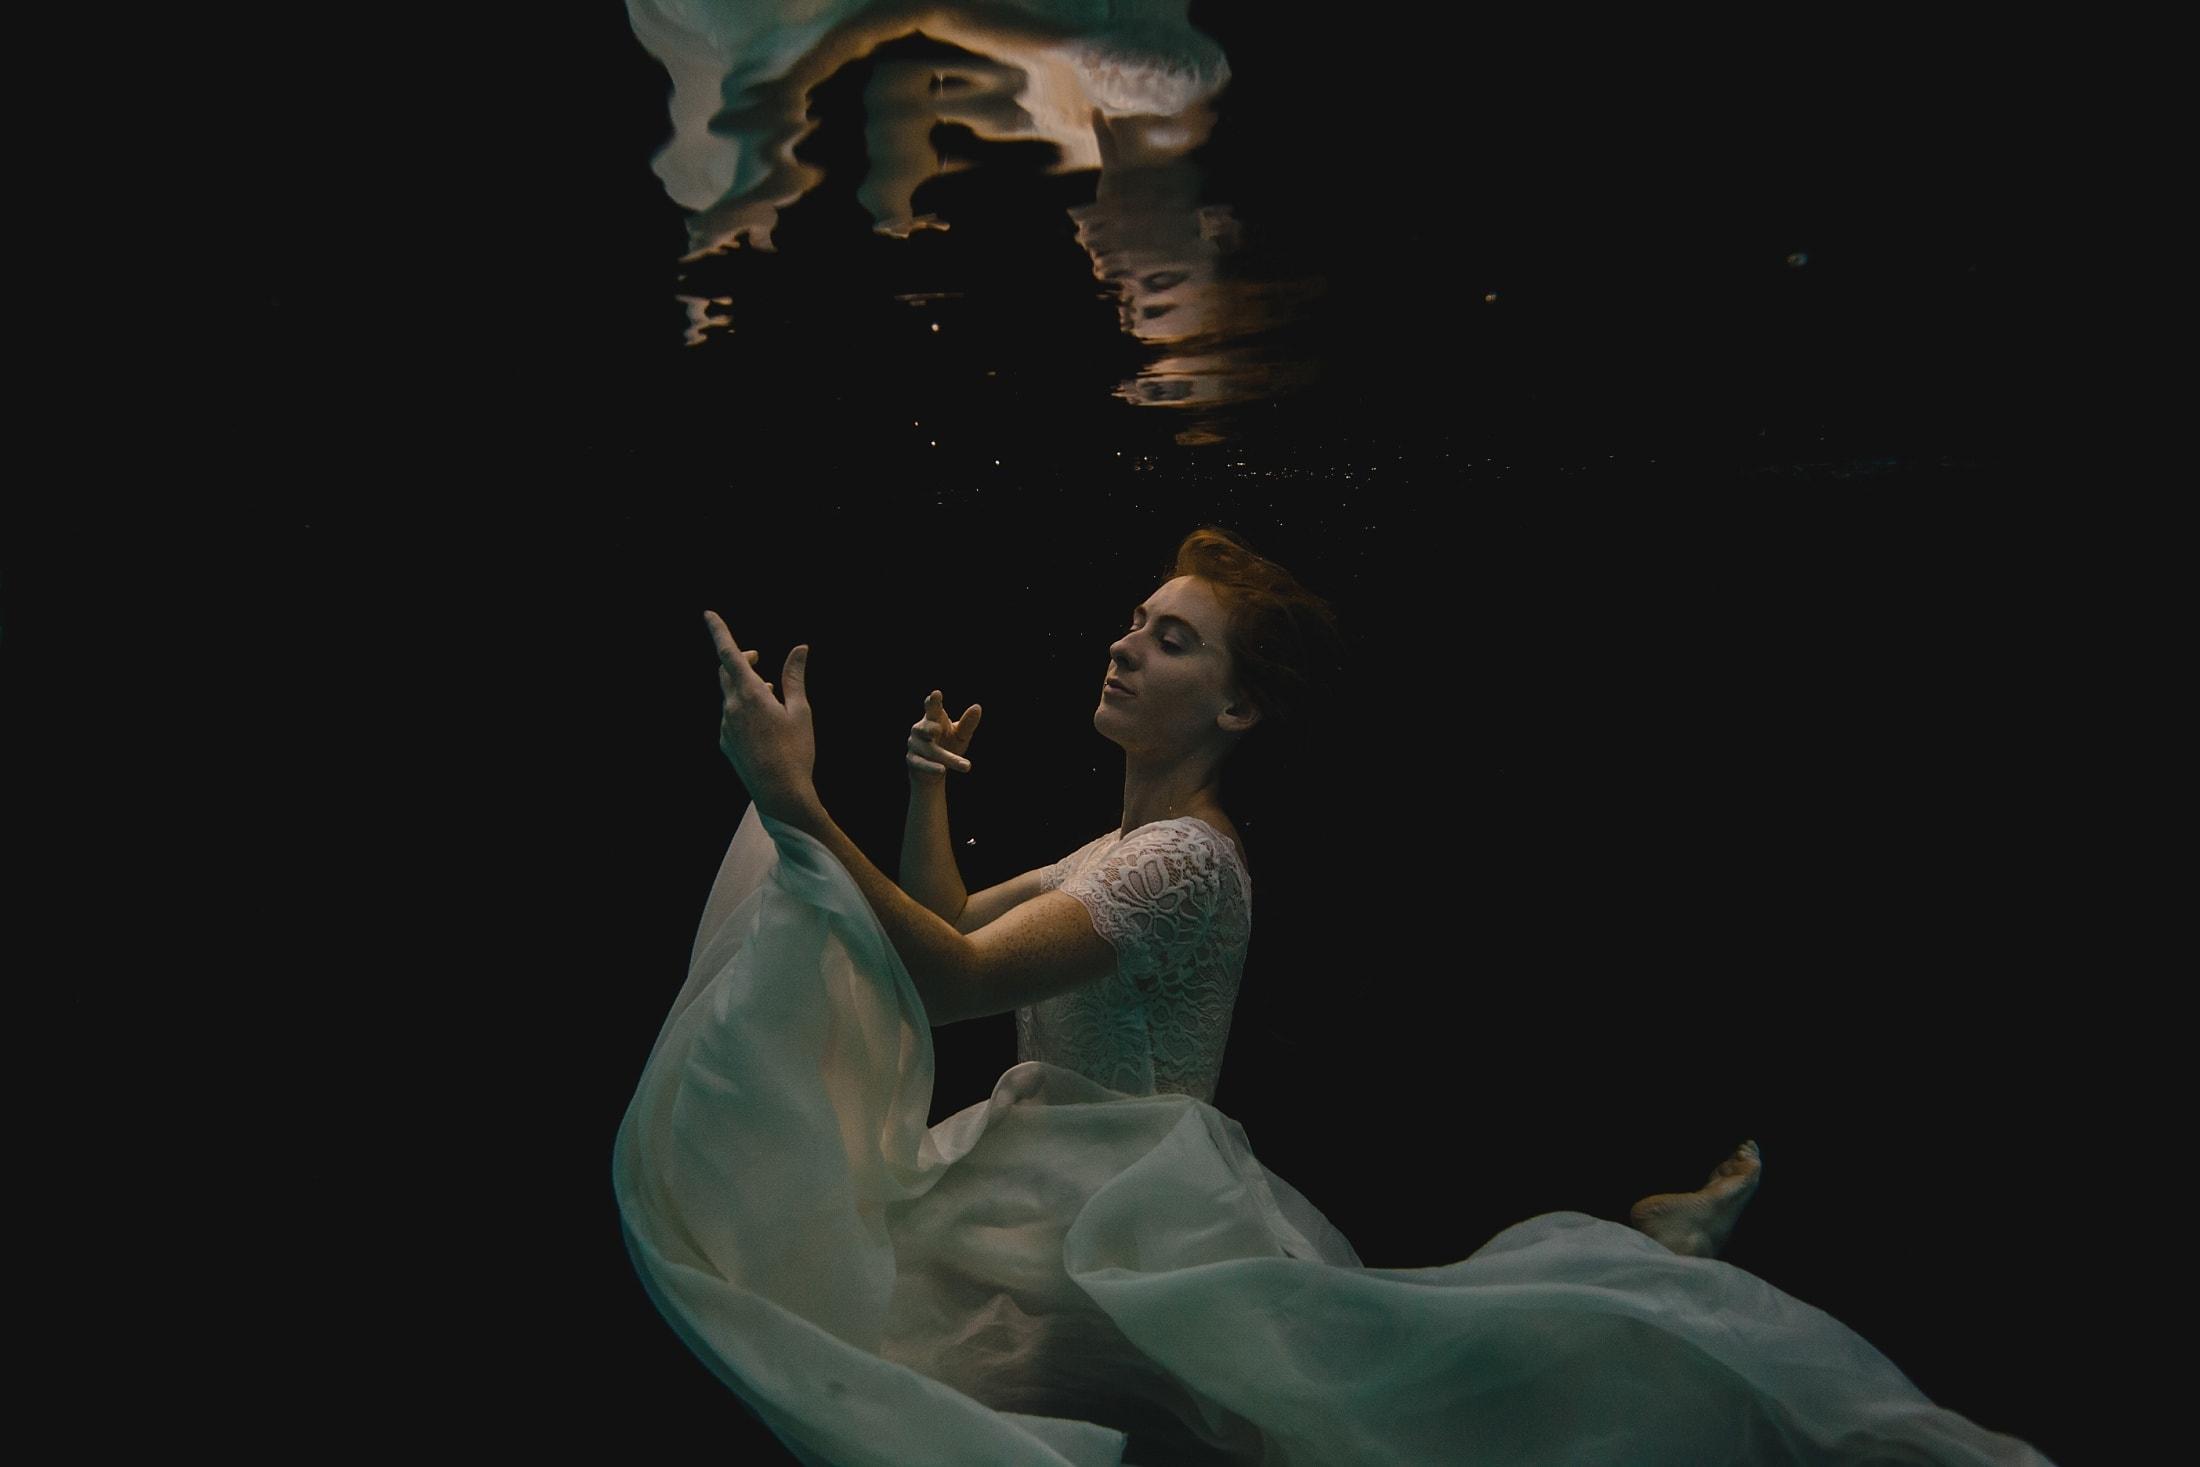 underwater dancer portrait